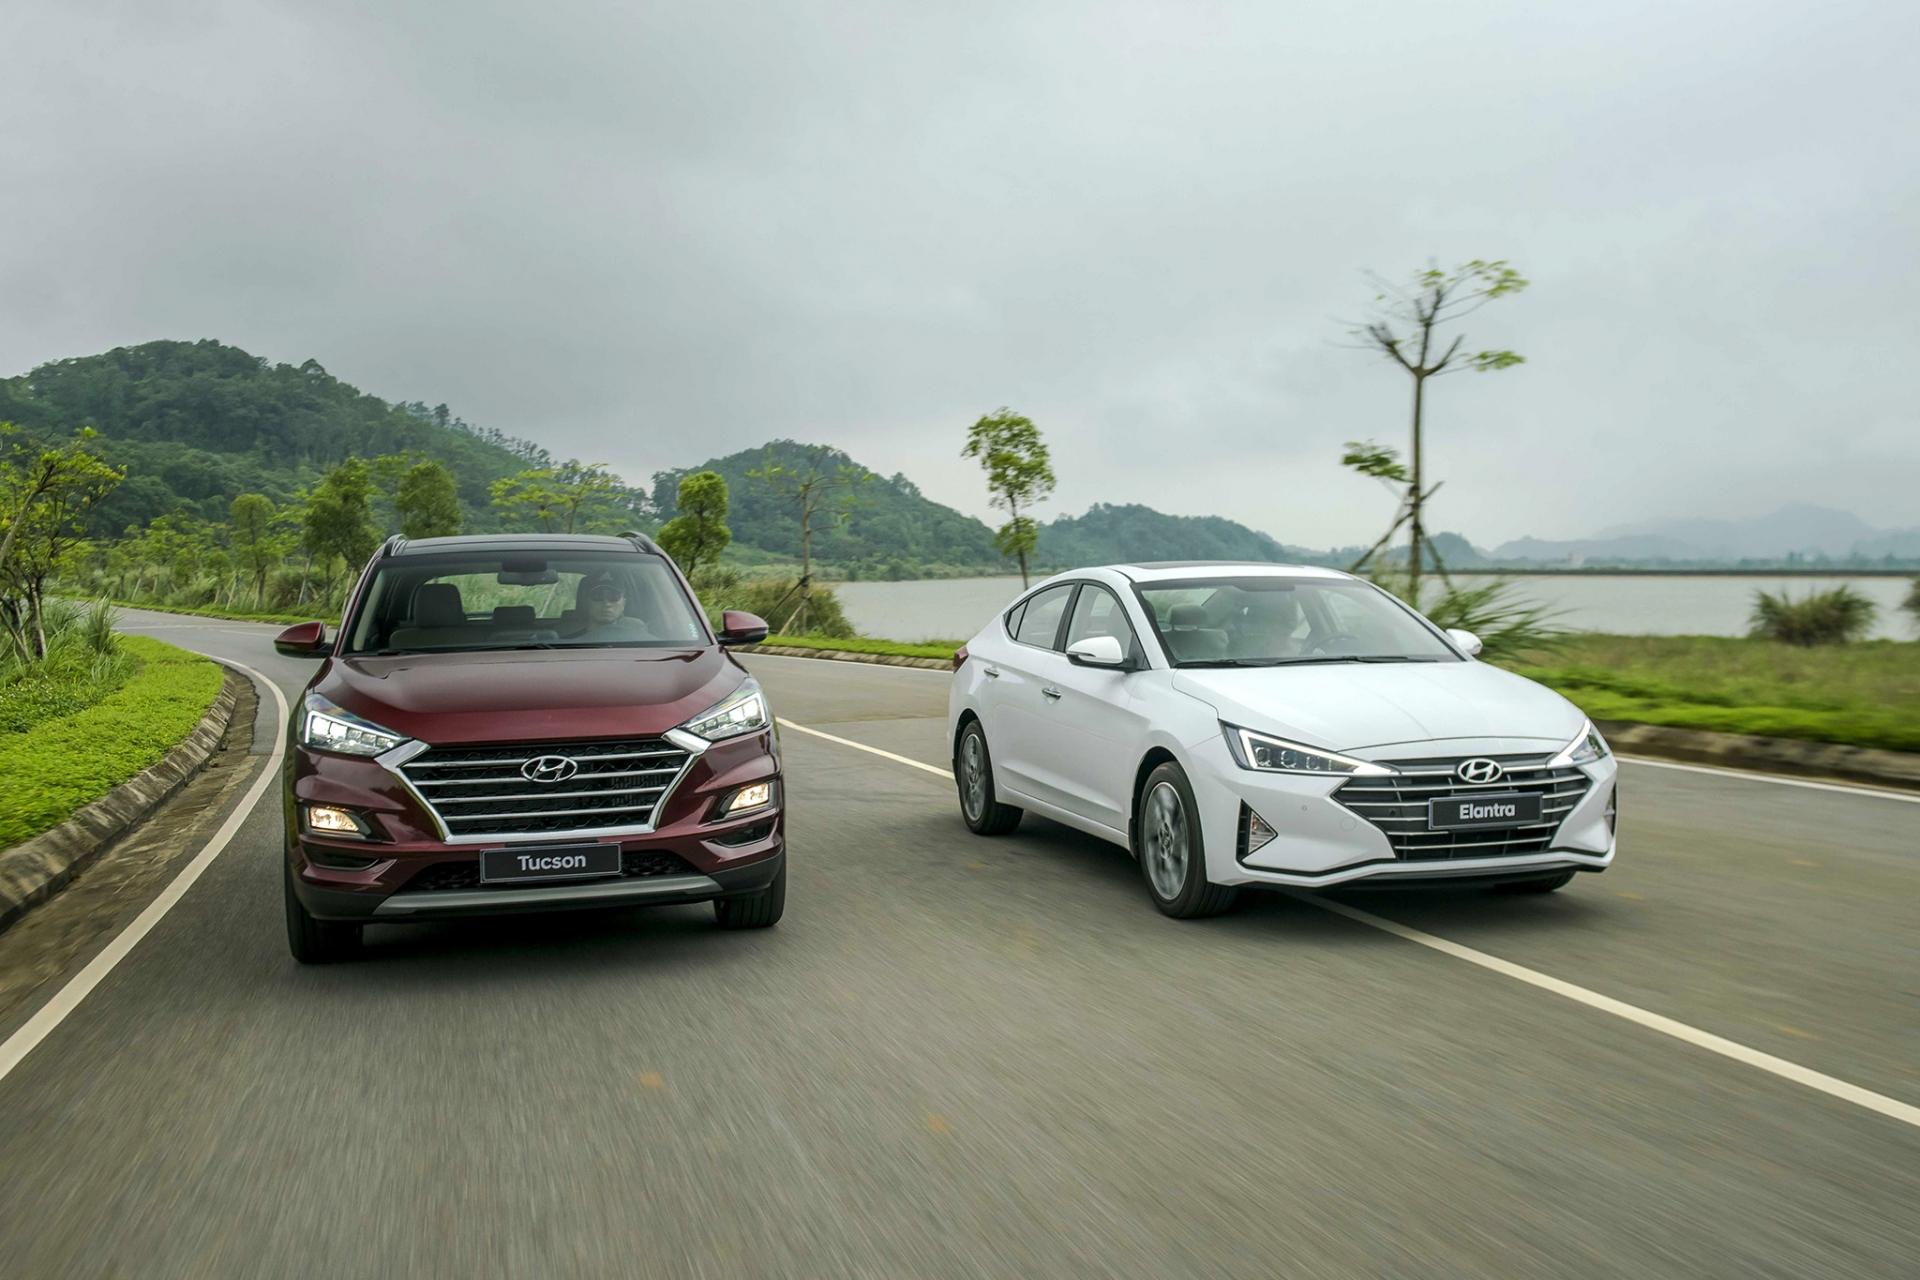 Hyundai Accent tiếp tục là